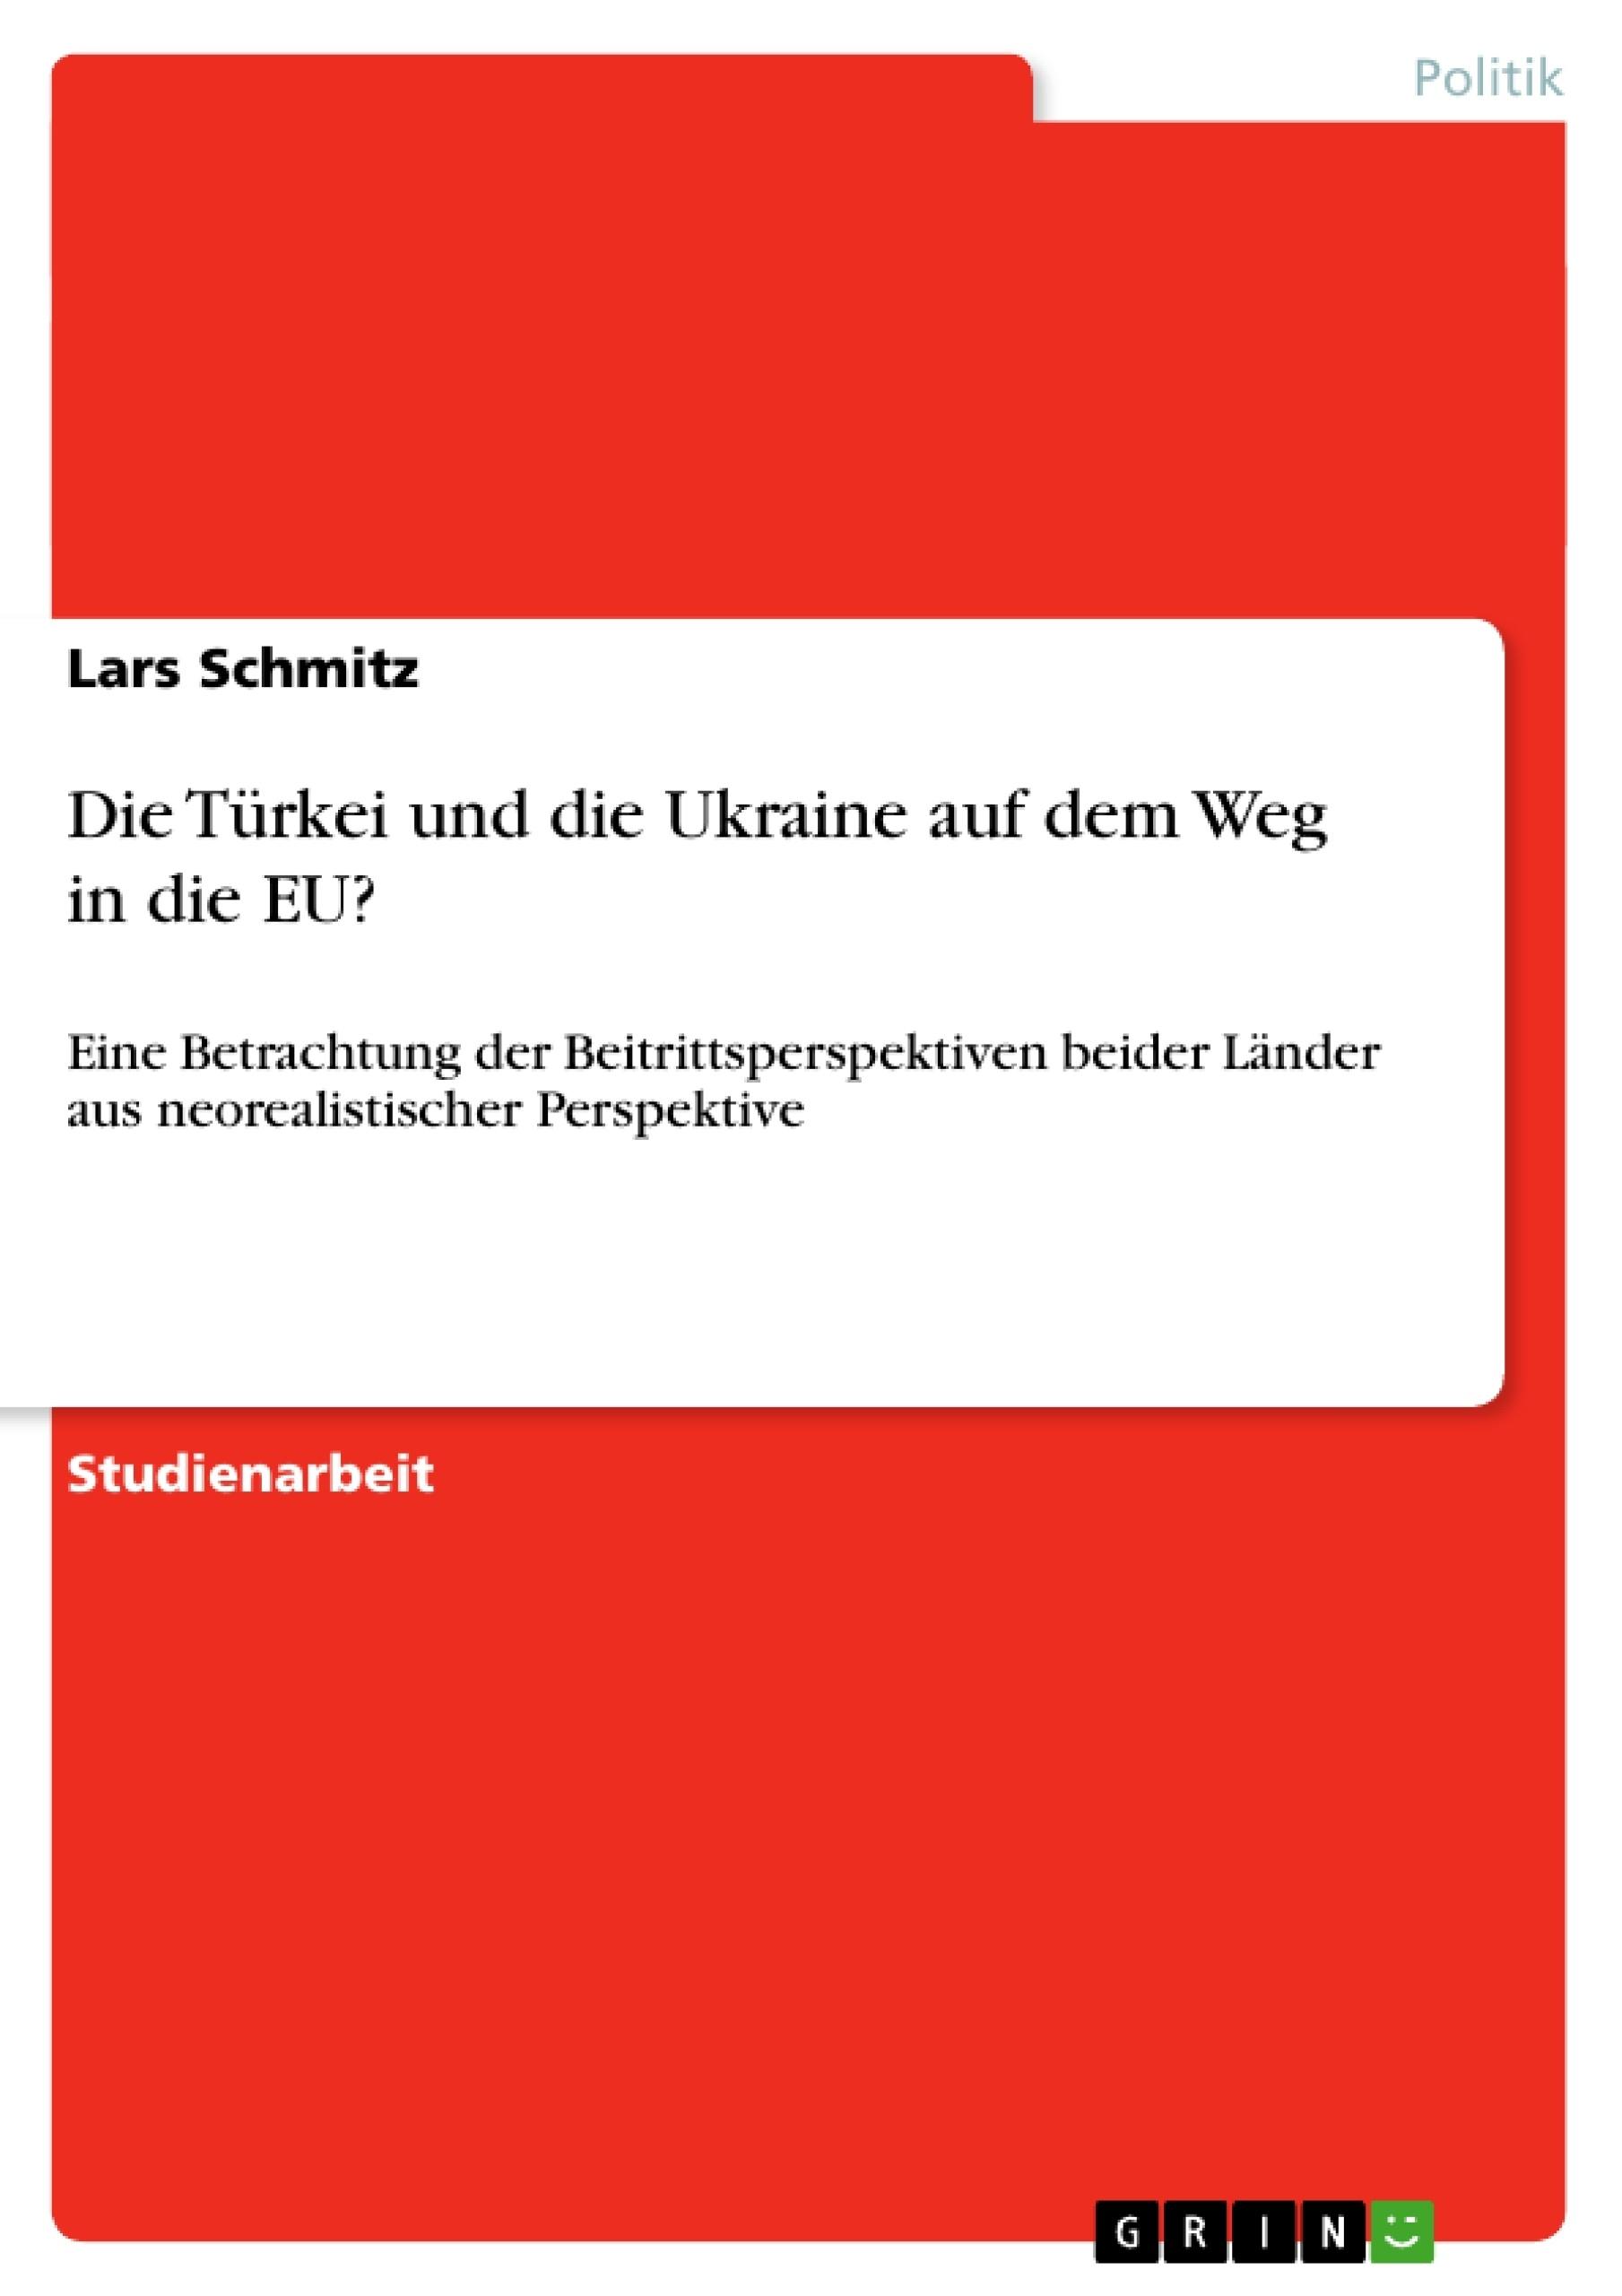 Titel: Die Türkei und die Ukraine auf dem Weg in die EU?